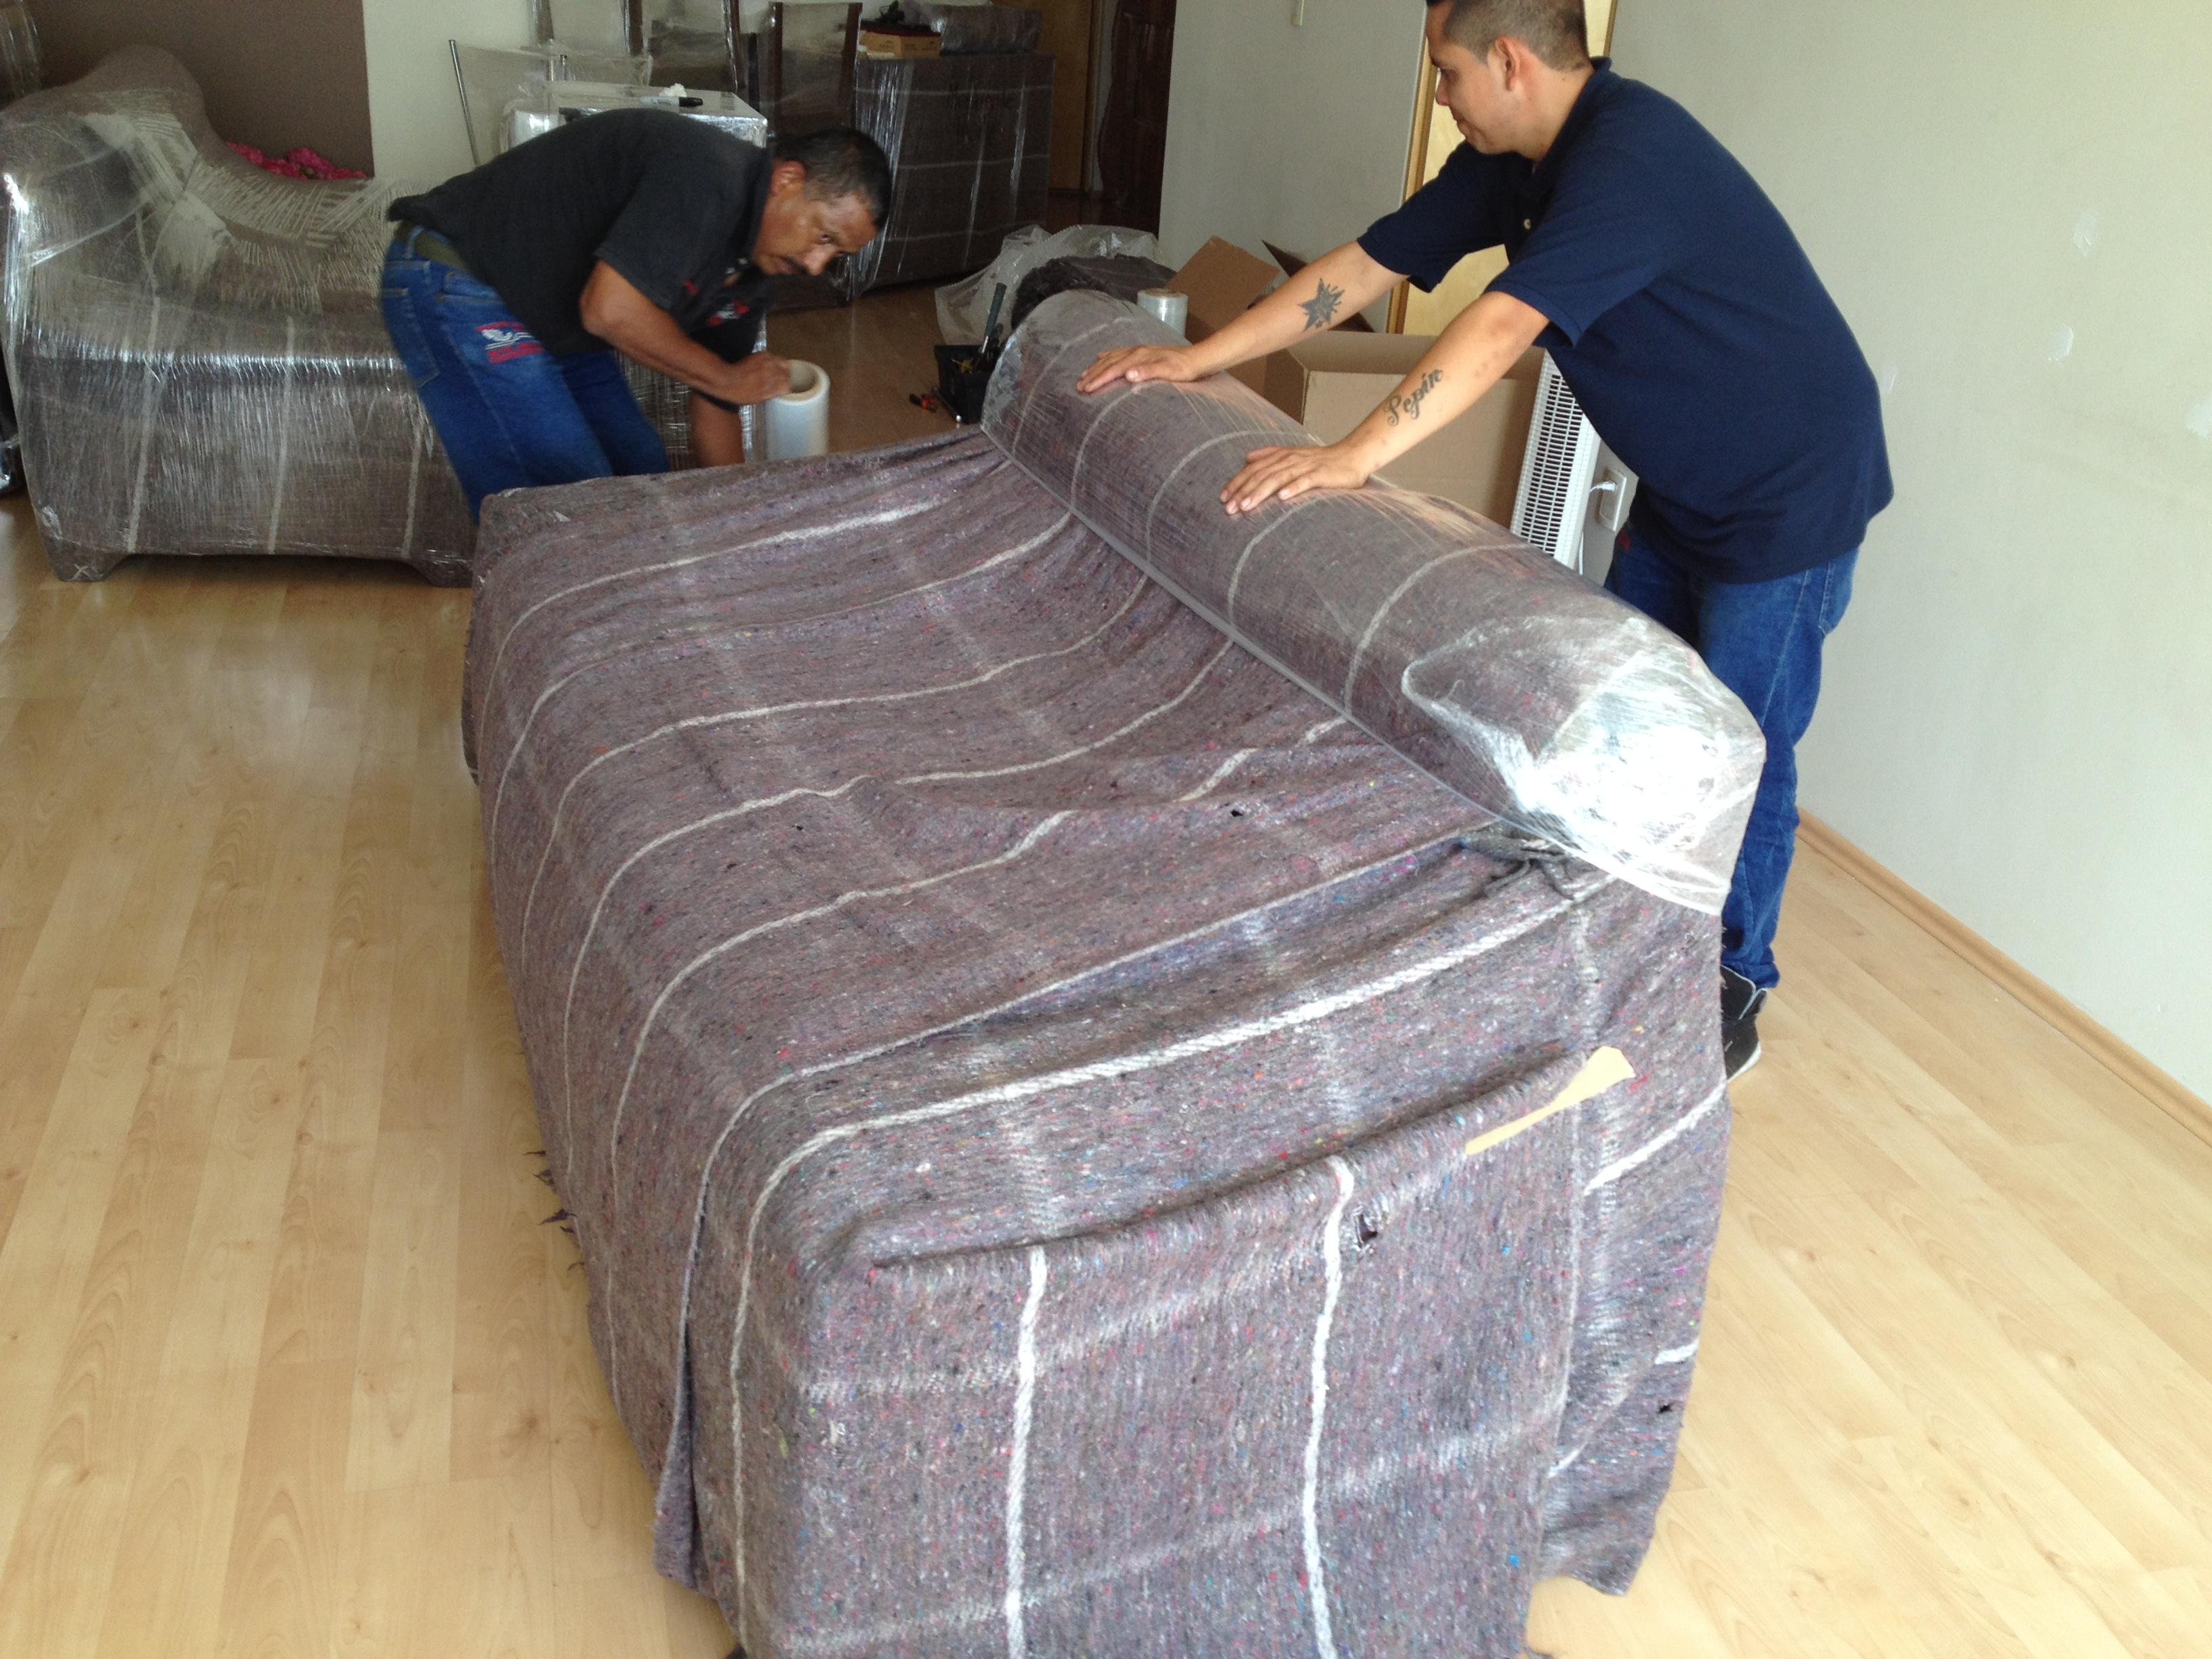 Colocamos colchonetas y platico adherible, de esa forma evitamos que los muebles se dañen